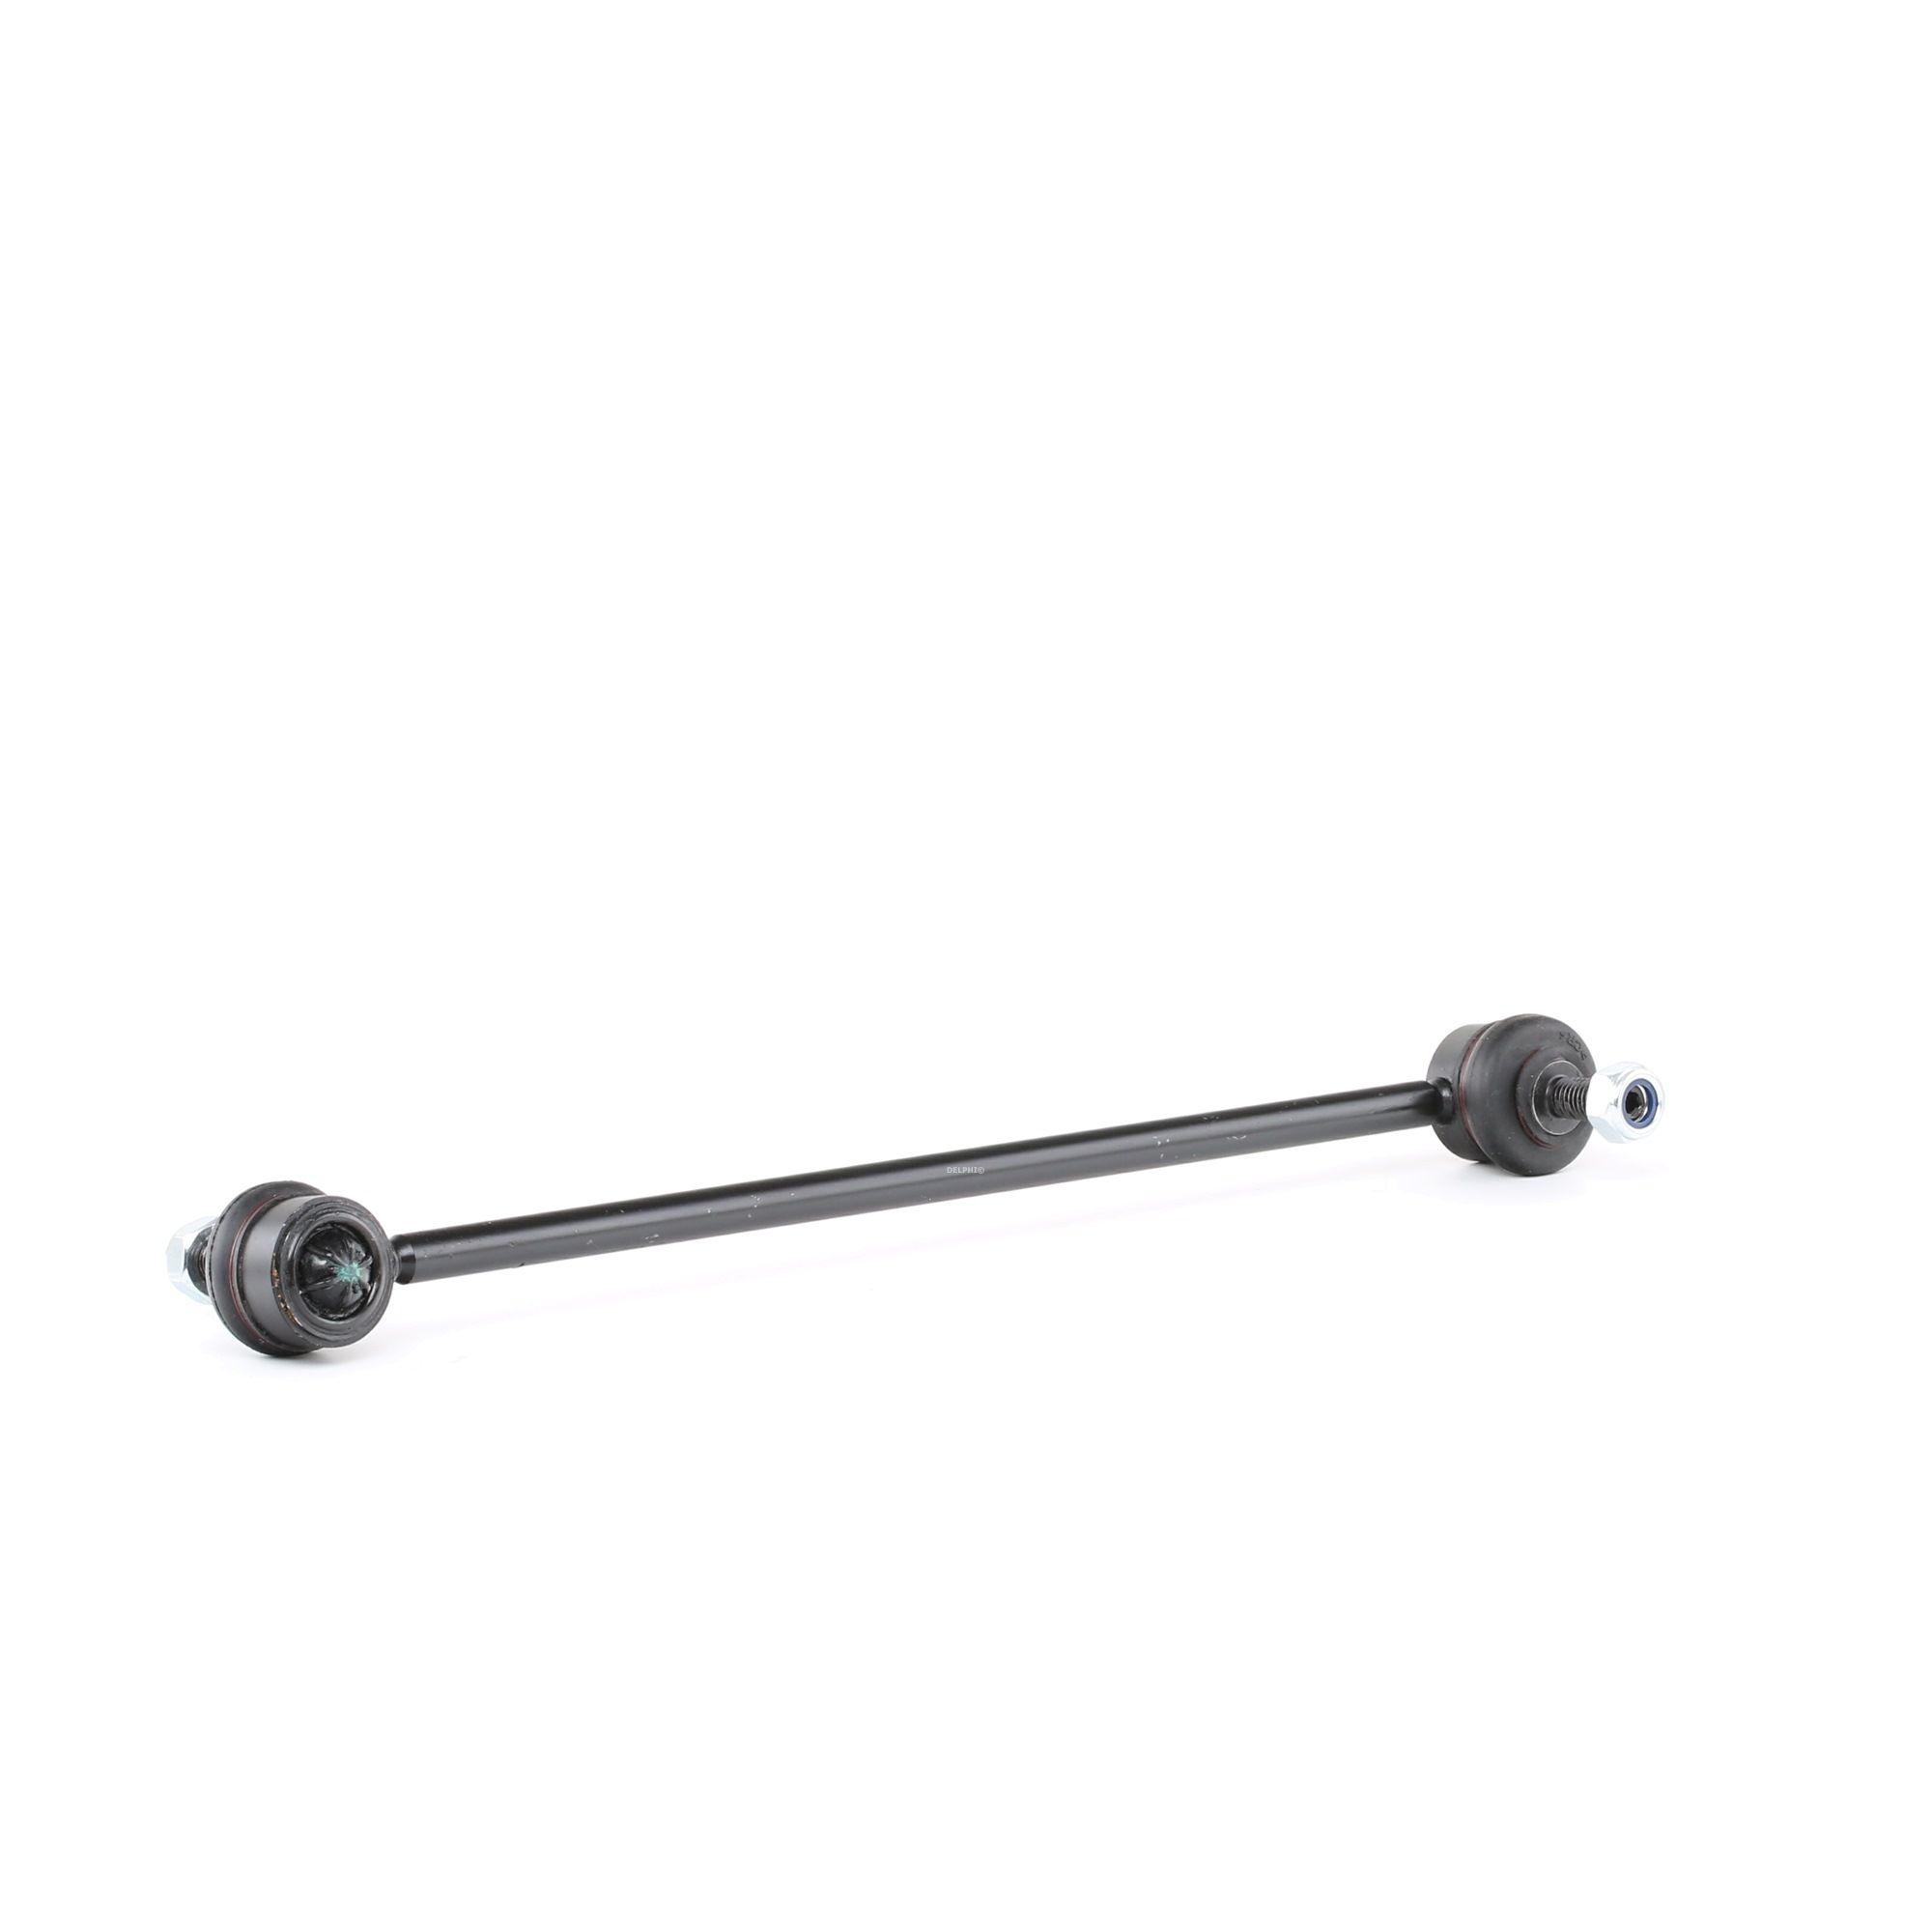 Sway Bar Link DELPHI TC1023 rating